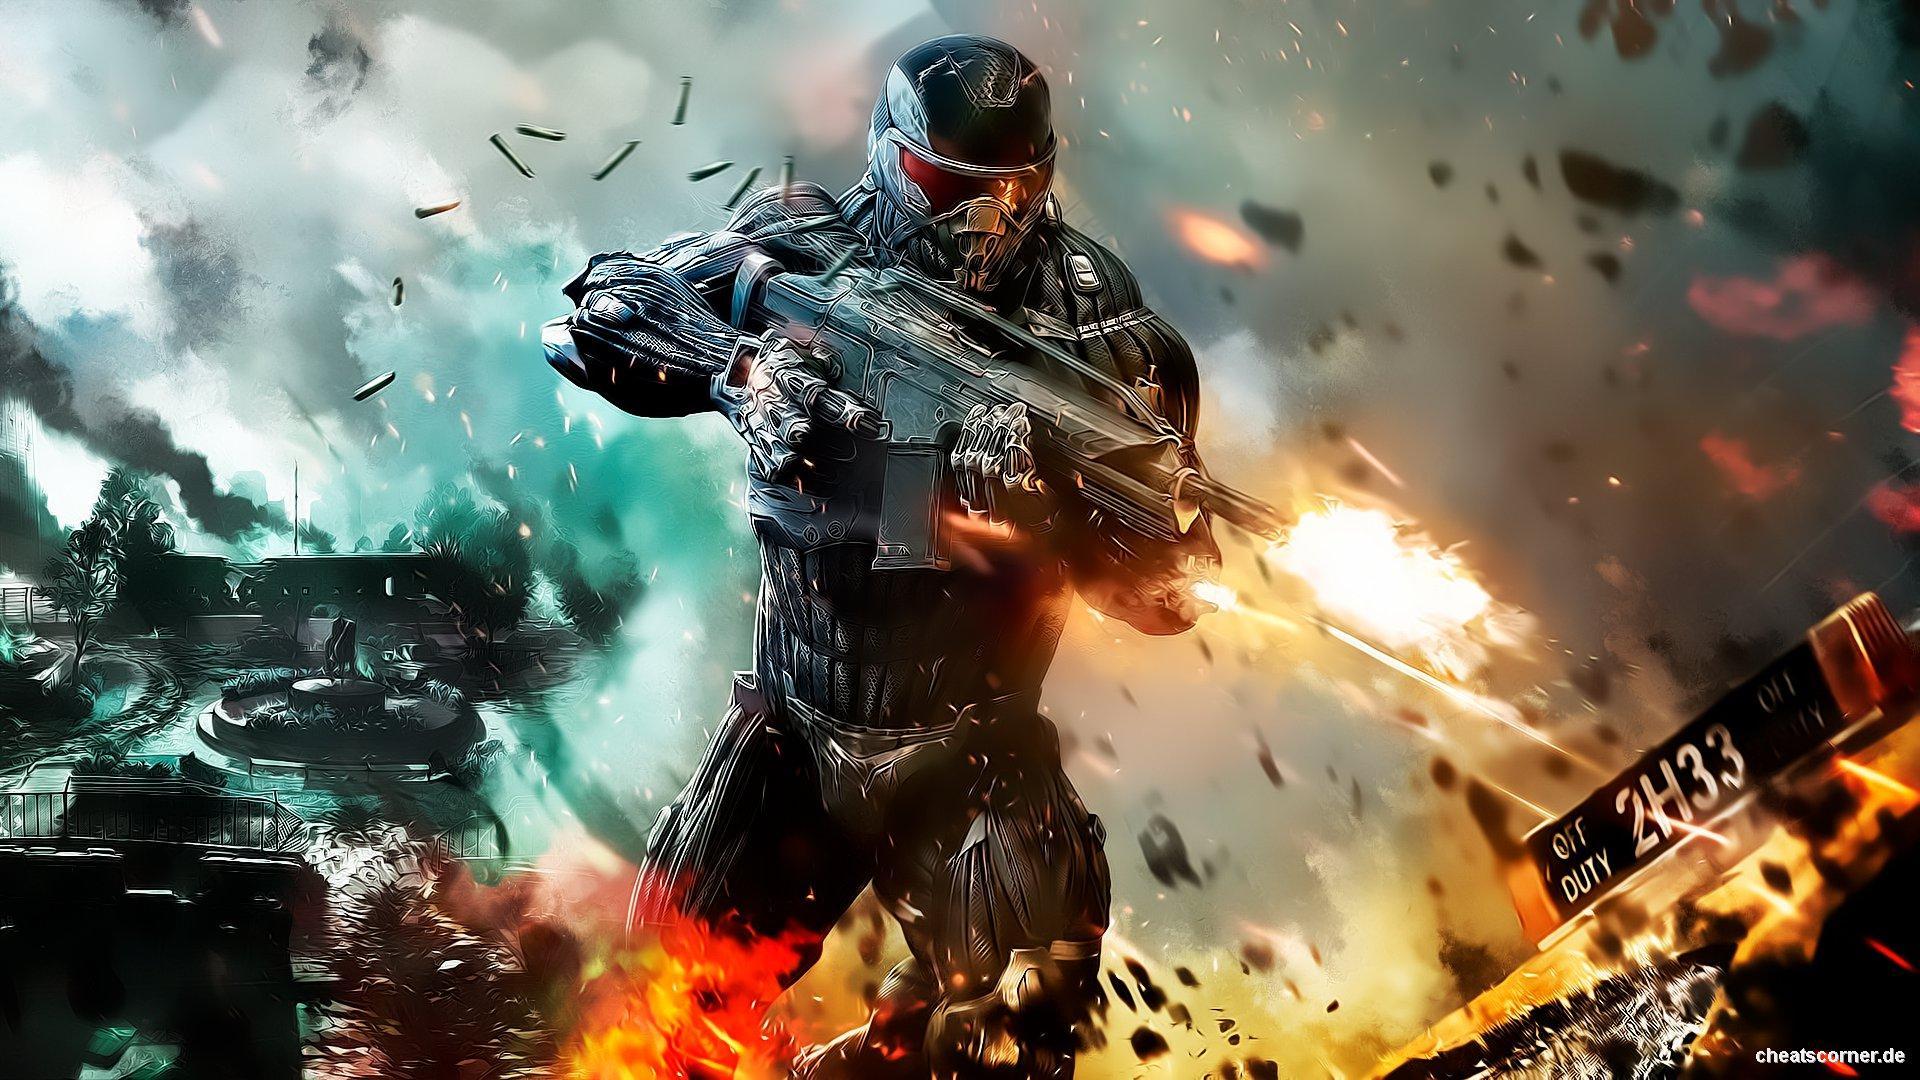 Crysis 3 Screenshot #1